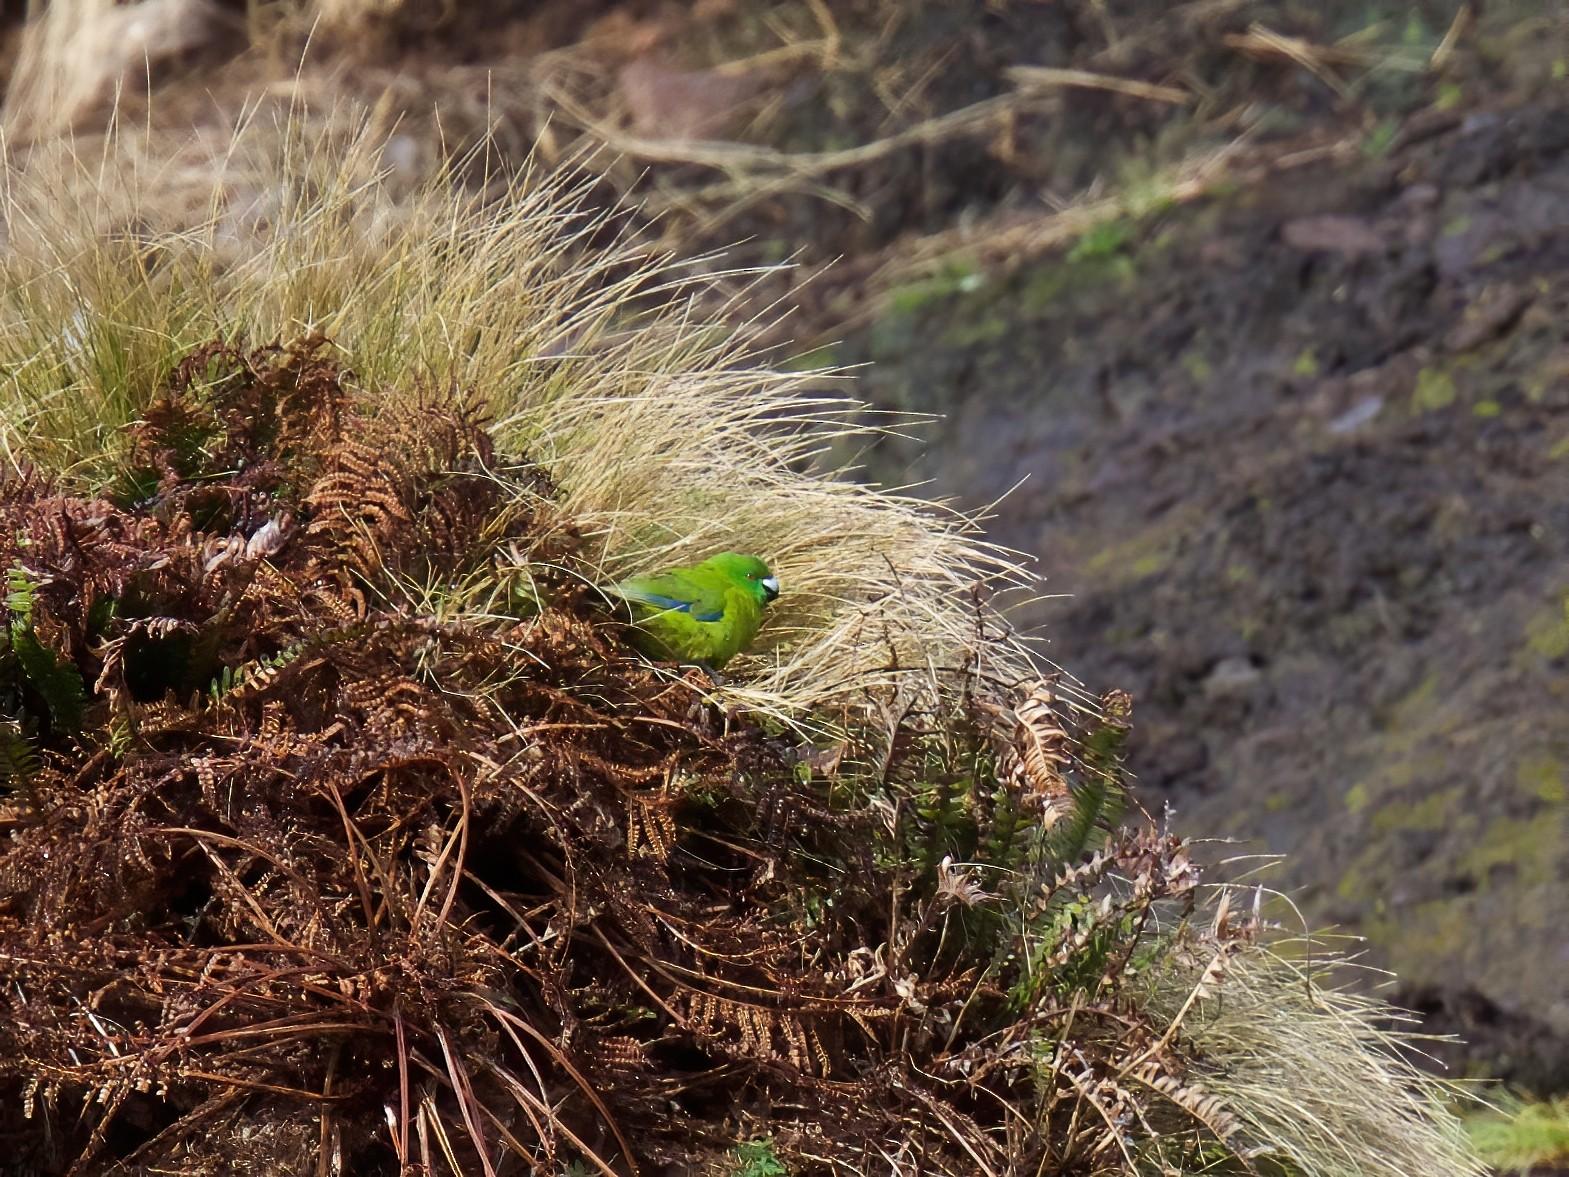 Antipodes Parakeet - Robert Tizard